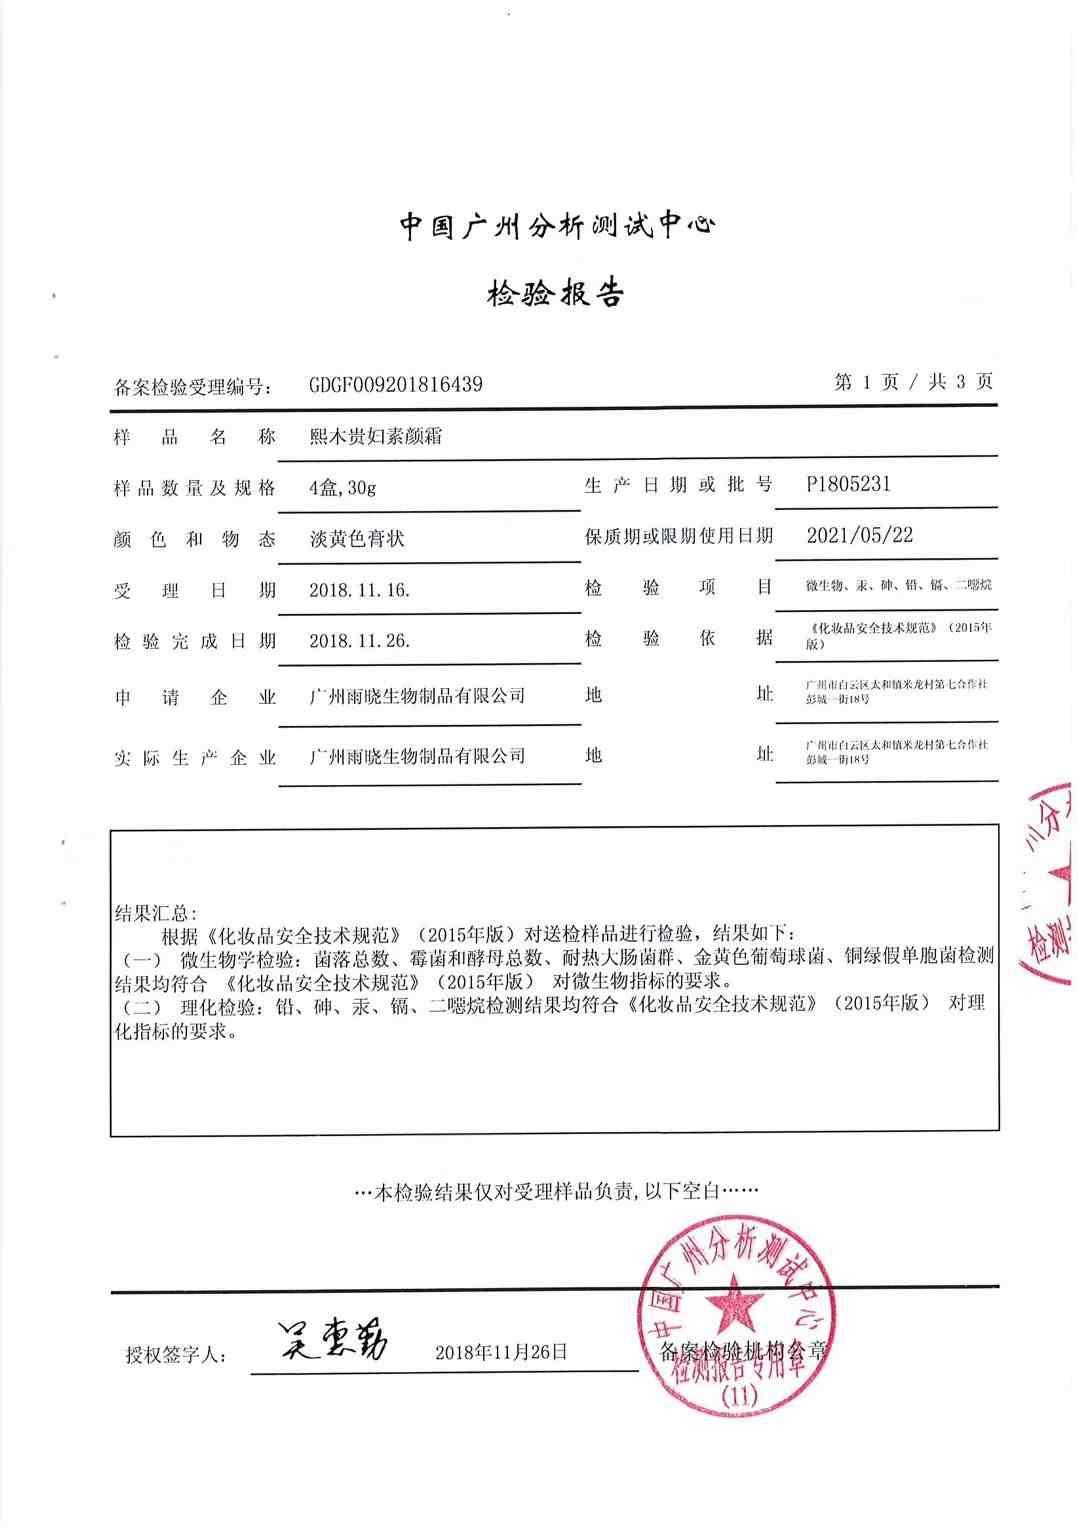 熙木贵妇素颜霜【官方授权】正品货源直销批发,一件代发